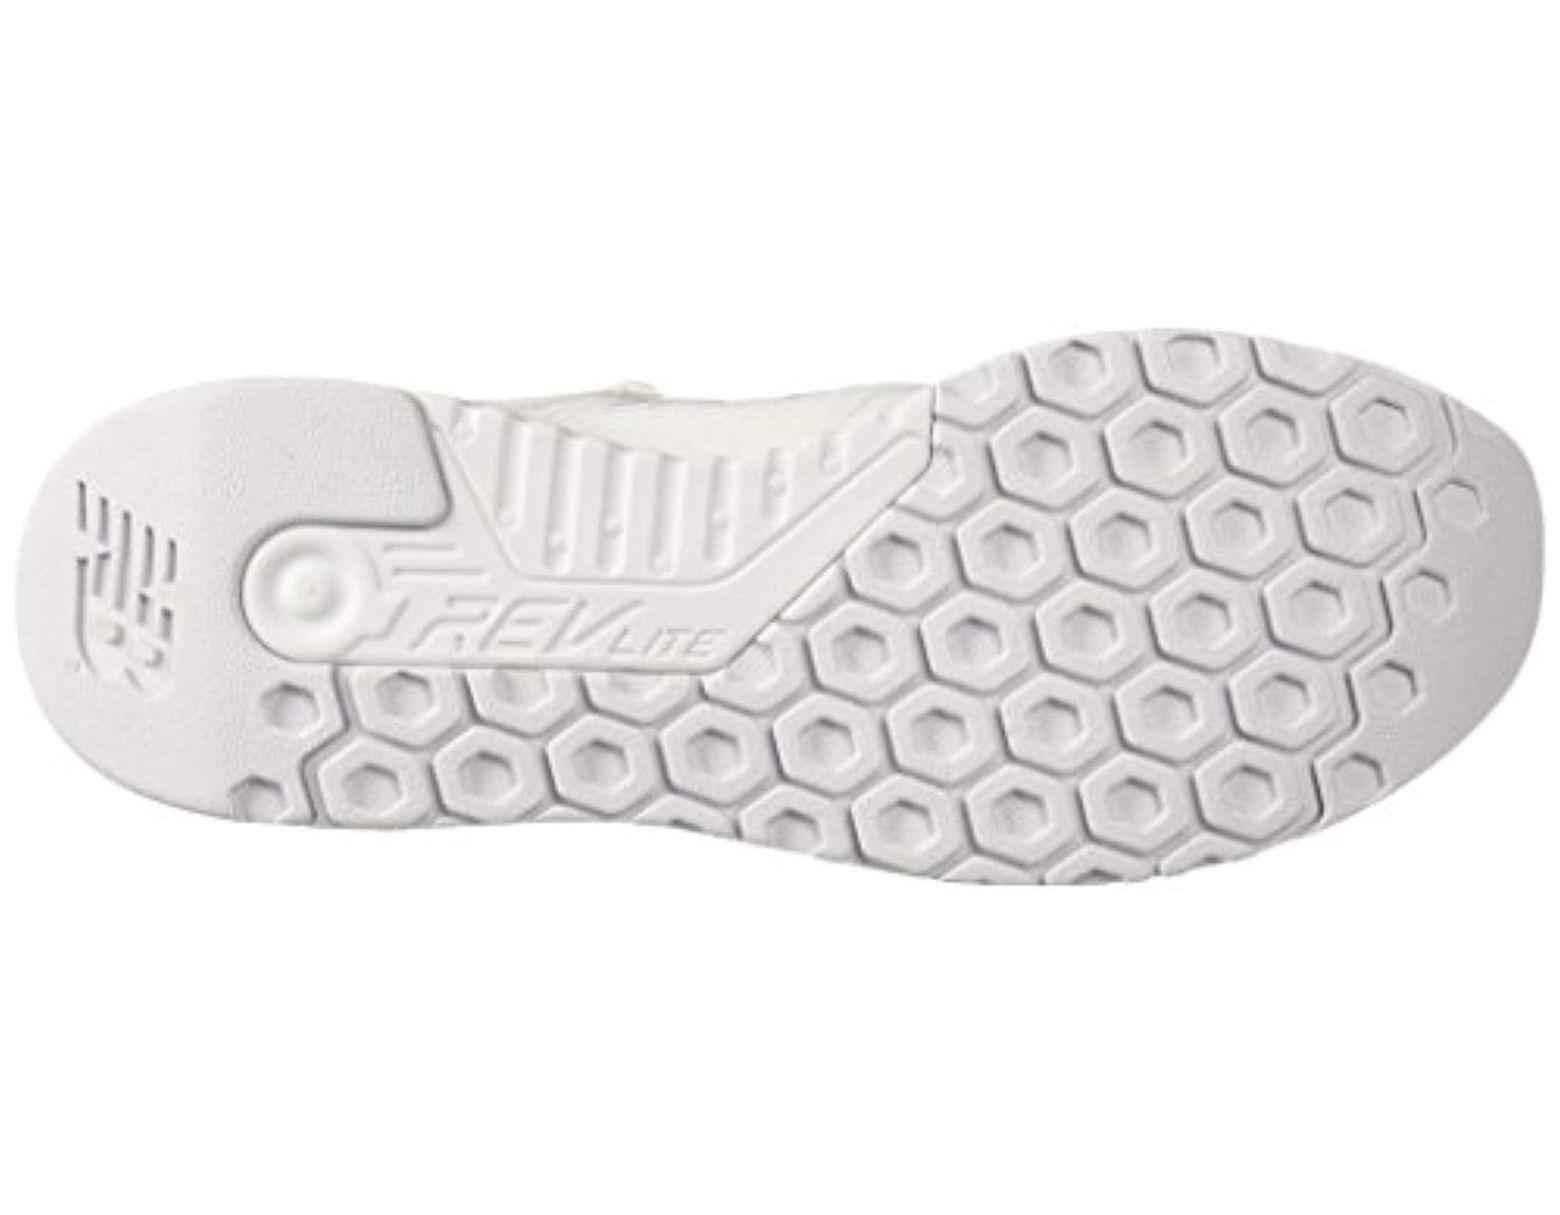 b133614447 247v1, Zapatillas Unisex Adulto New Balance de hombre de color Blanco - 81  % de descuento - Lyst